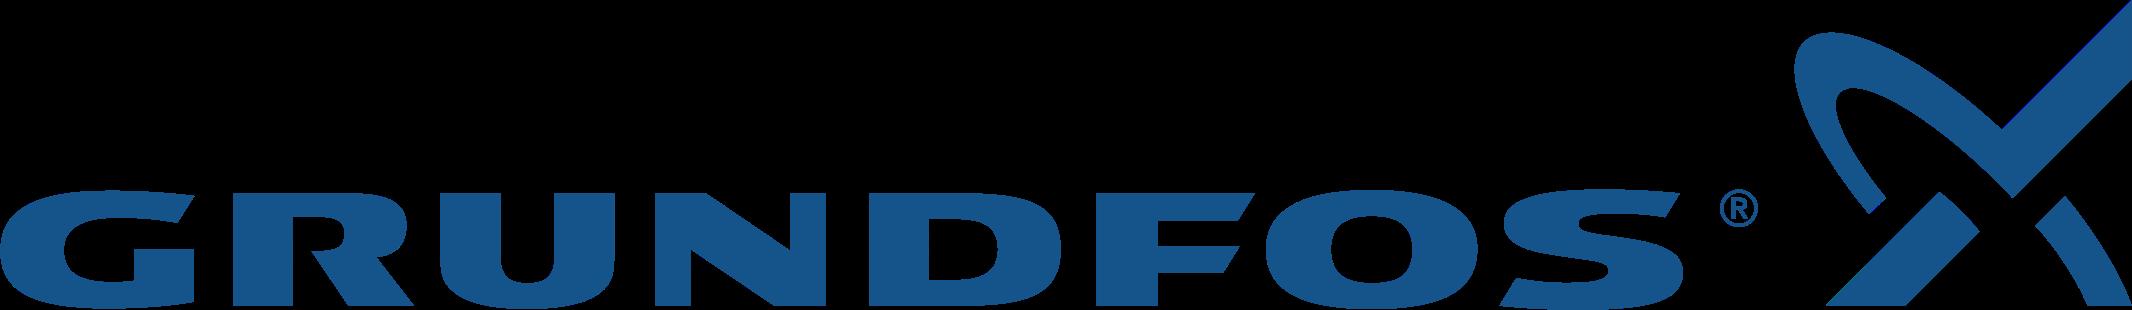 Официальный партнер Grundfos